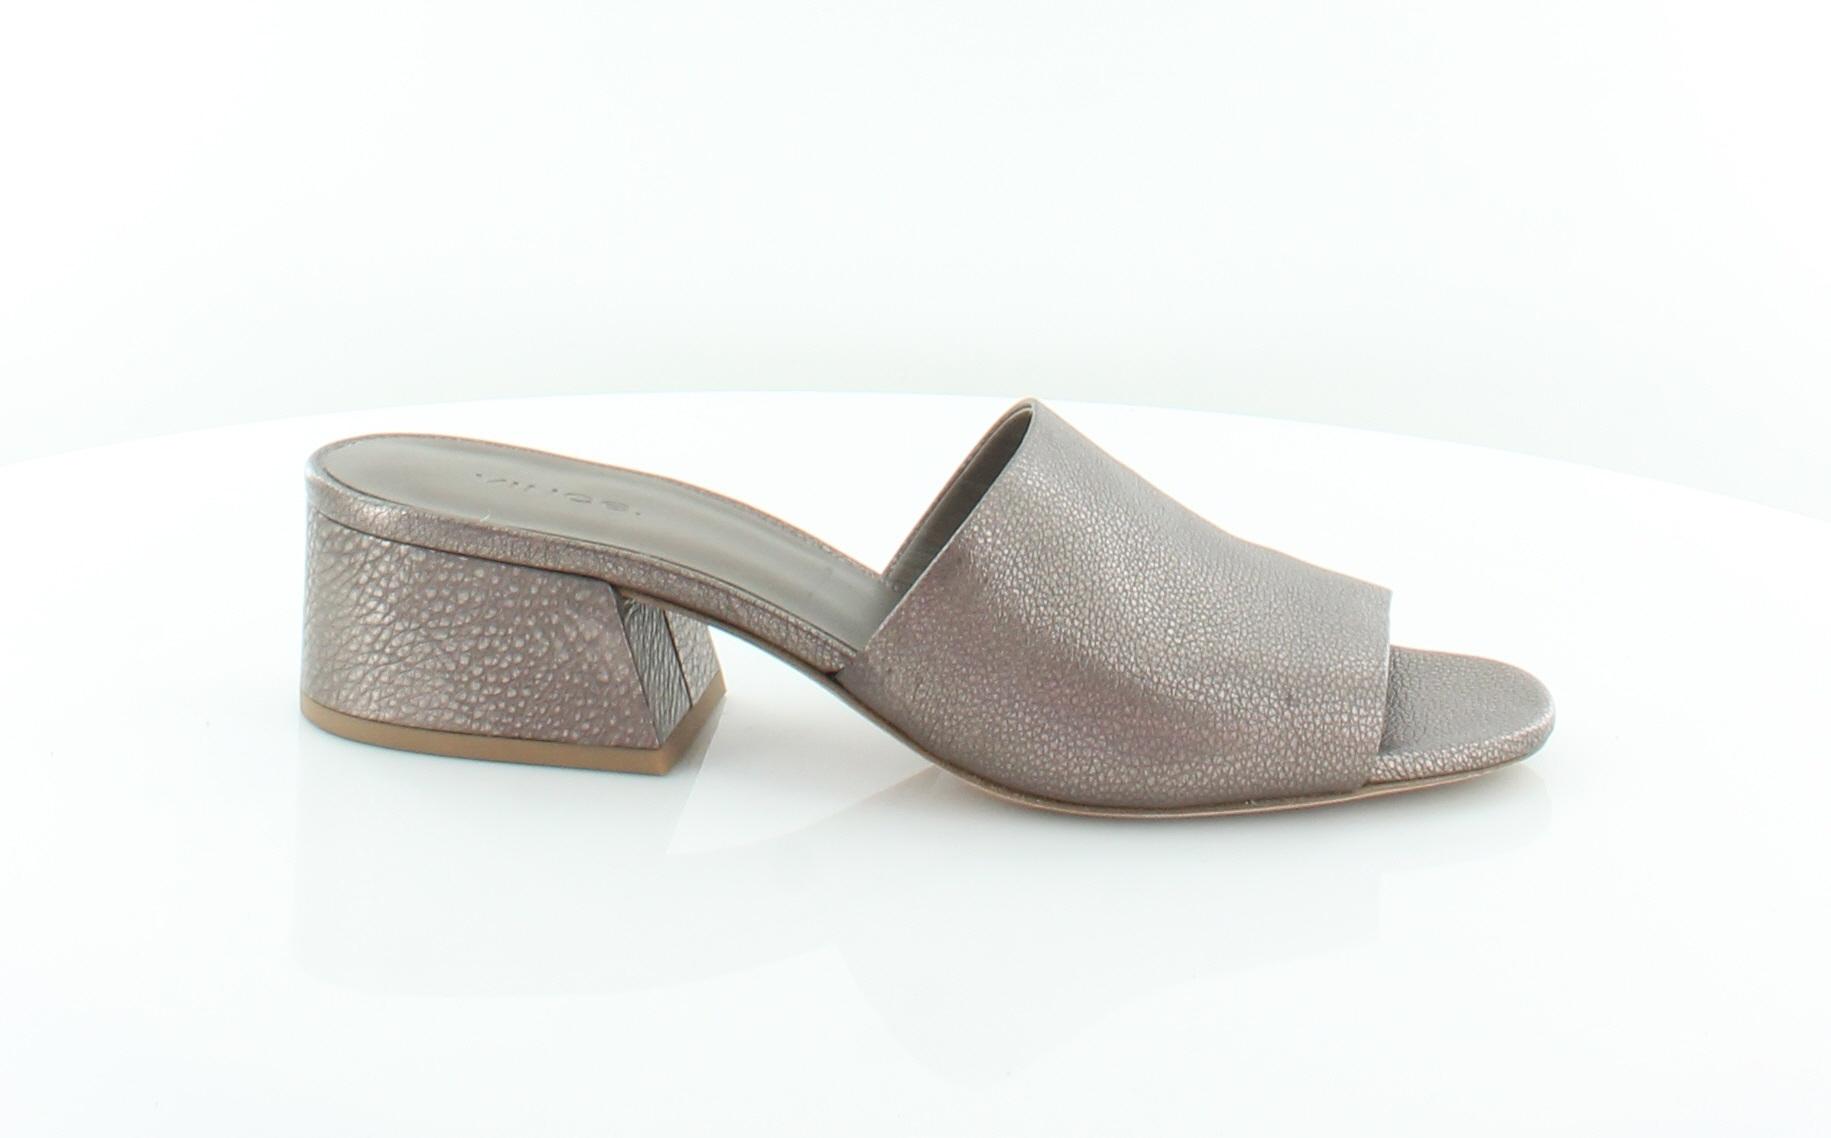 Vince Vince Vince Karissa Plata Sandalias De Mujer Zapatos Talla 10 M precio minorista sugerido por el fabricante  275  comprar nuevo barato